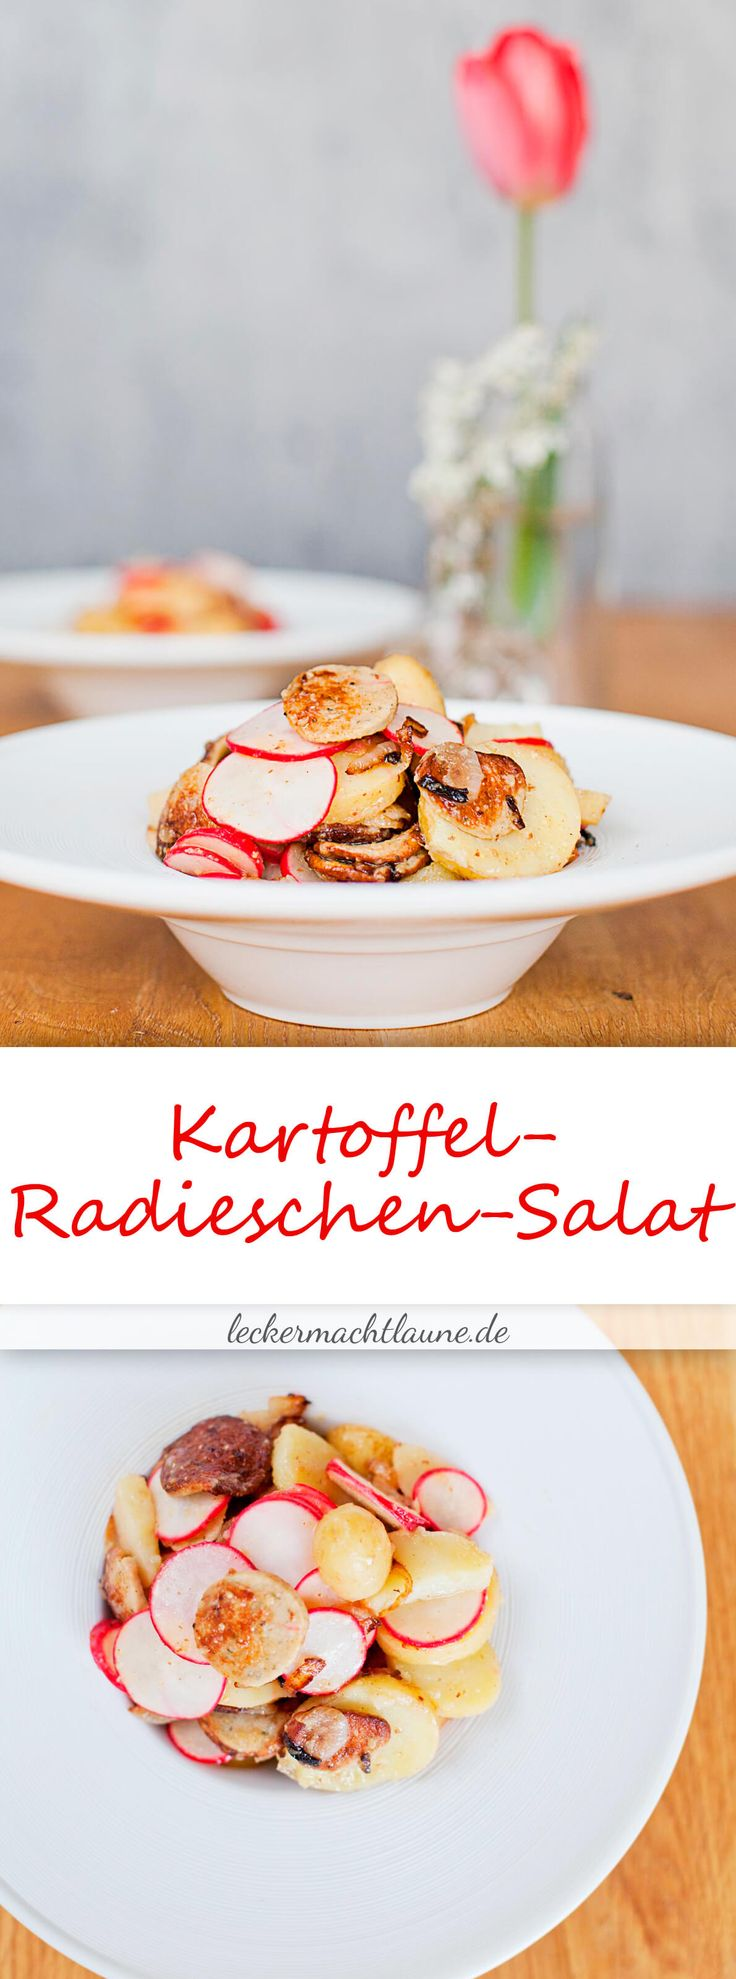 Im Prinzip eine Art bayrisches Frühstück als Salat: Lauwarmer Kartoffel-Radieschen-Salat mit Weißwurst :D